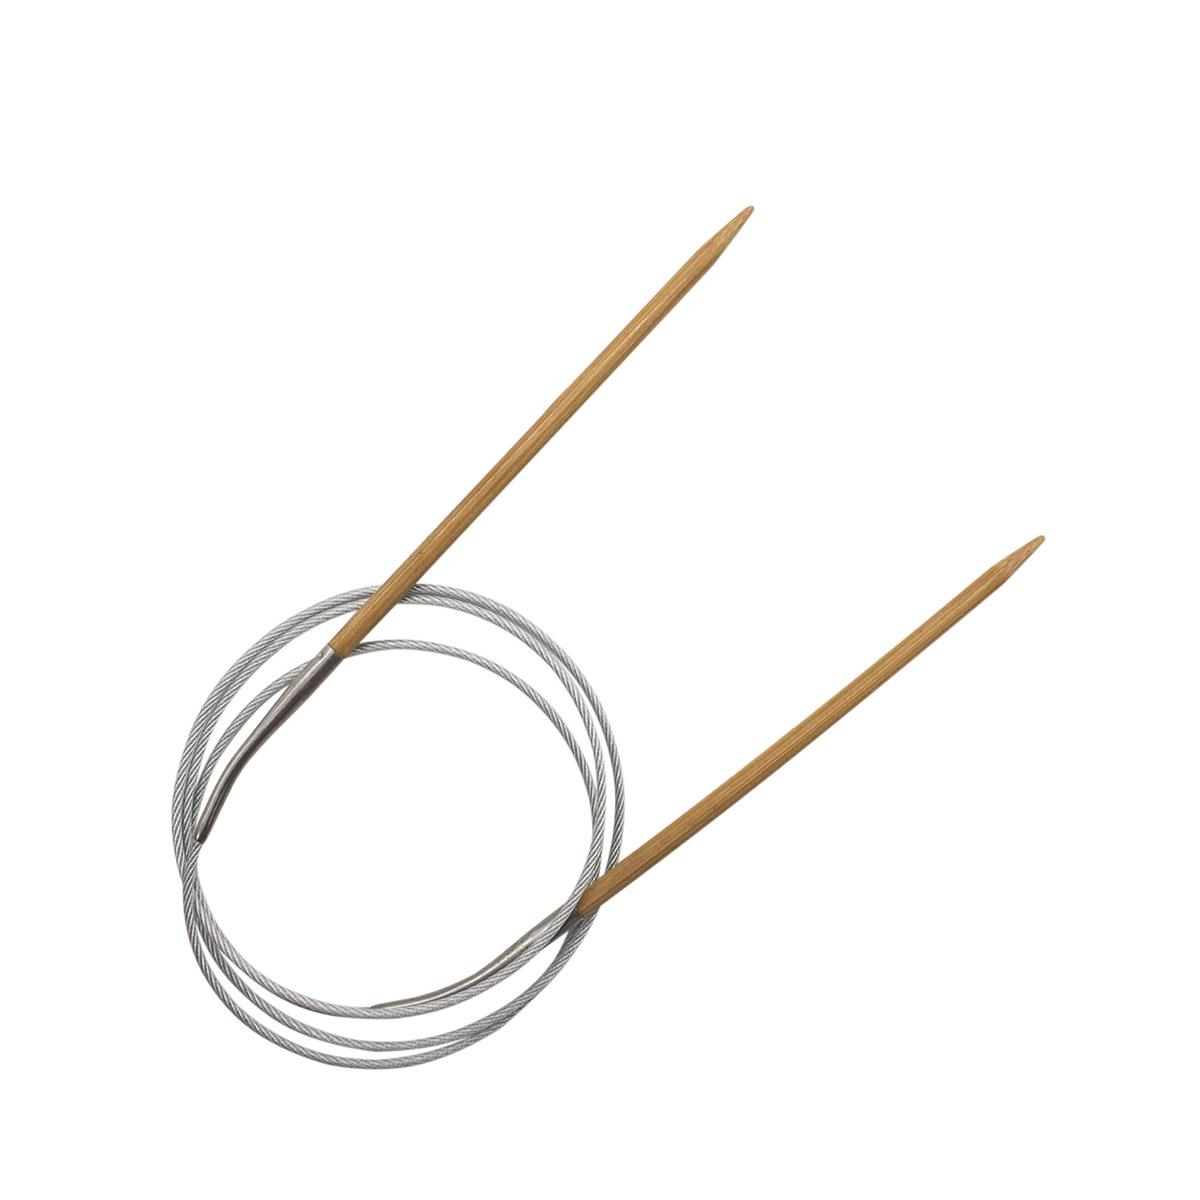 Спицы круговые бамбук с металлическим тросиком 942740, 100 см, 4,0 мм, Hobby&Pro